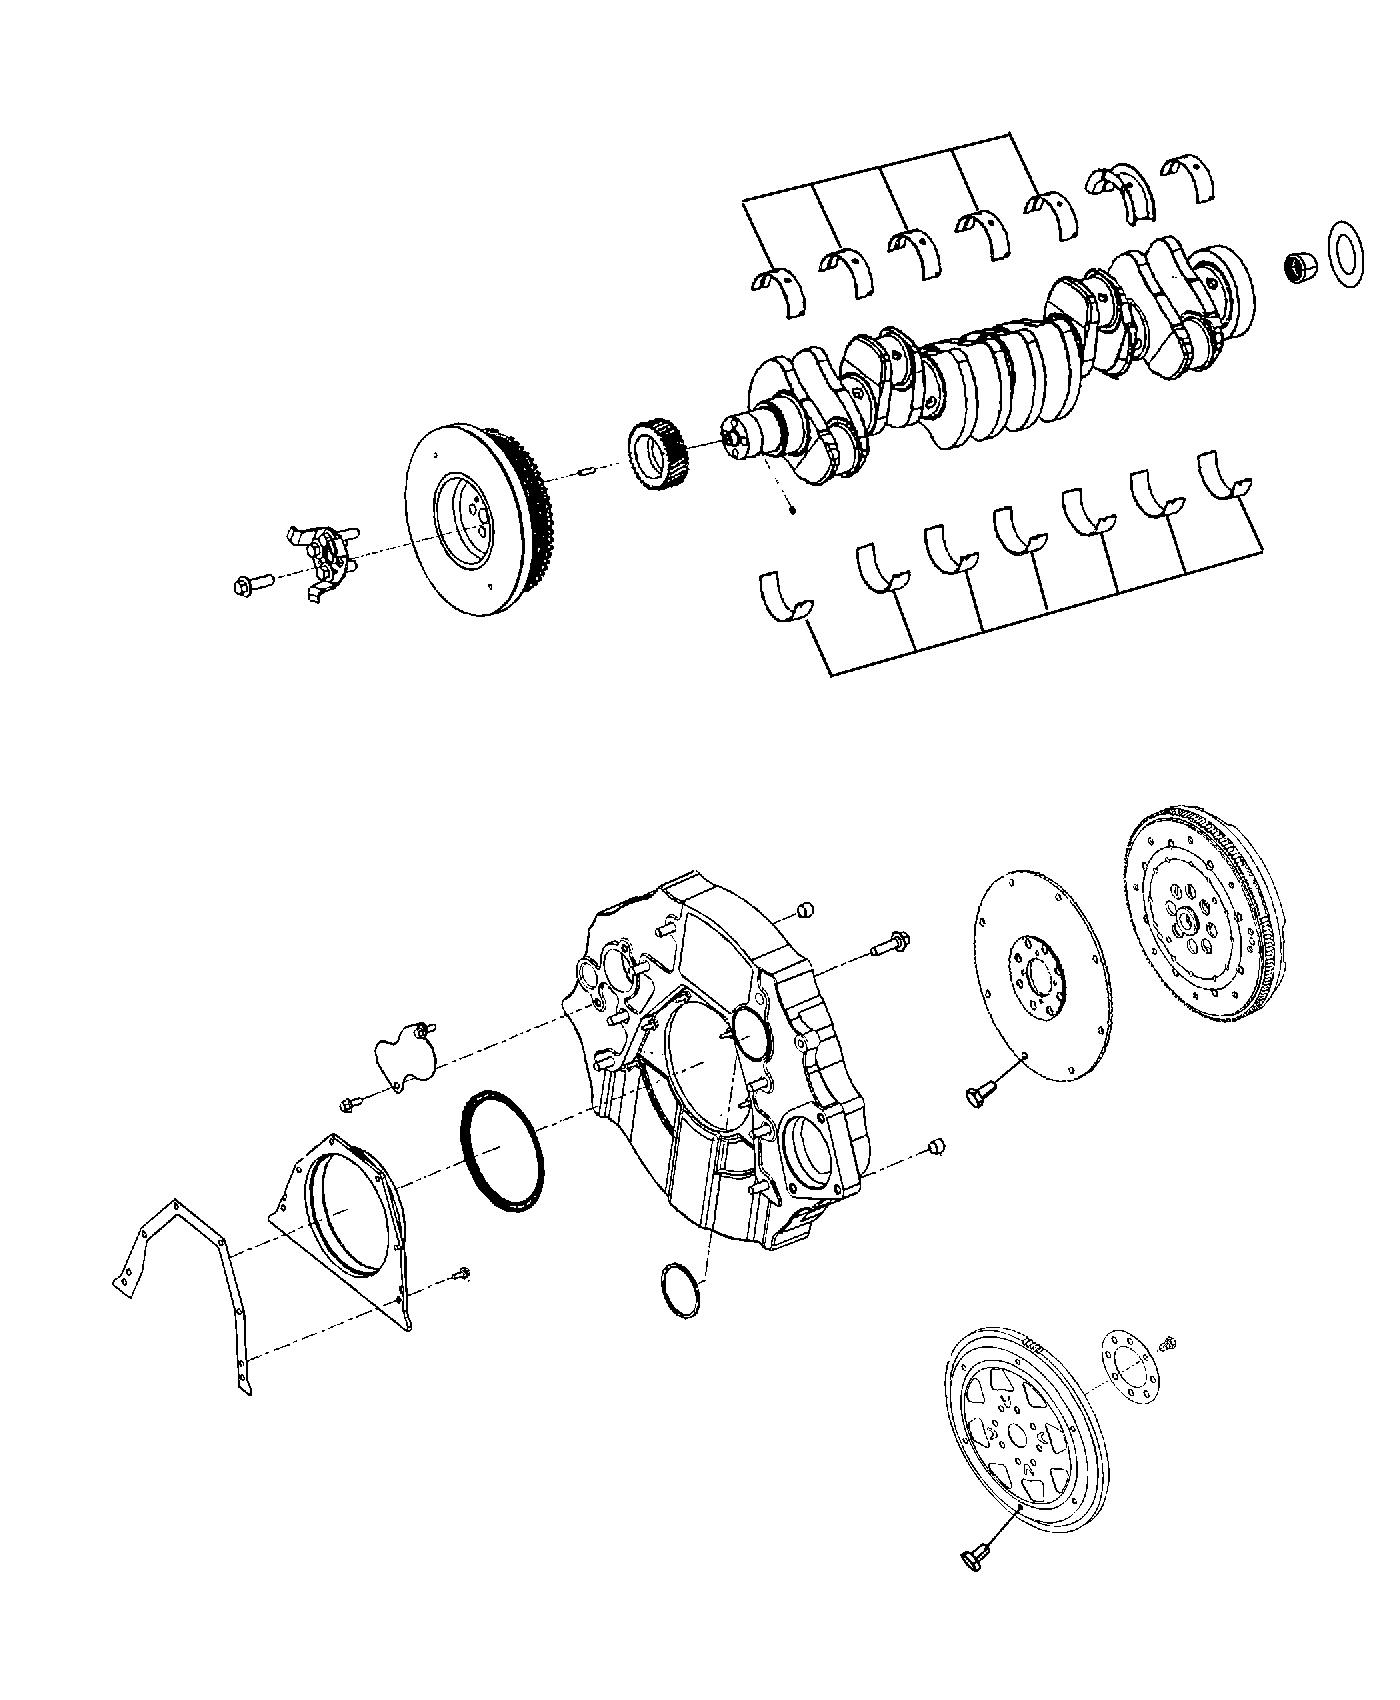 Ram Bearing Pilot Manual Transmission